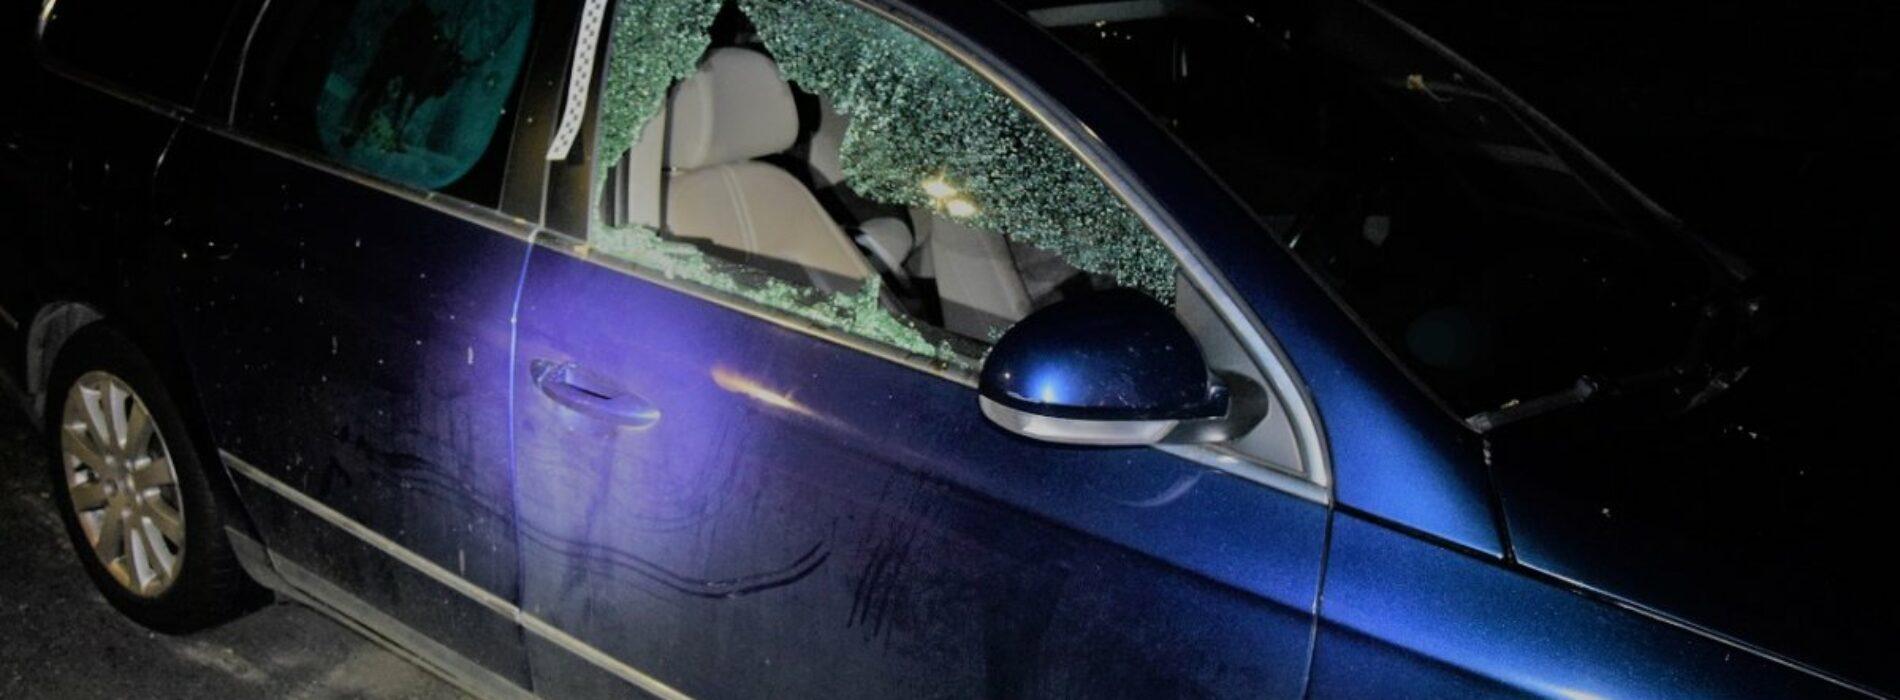 Krakowscy policjanci zatrzymali sprawców uszkodzenia kilku samochodów